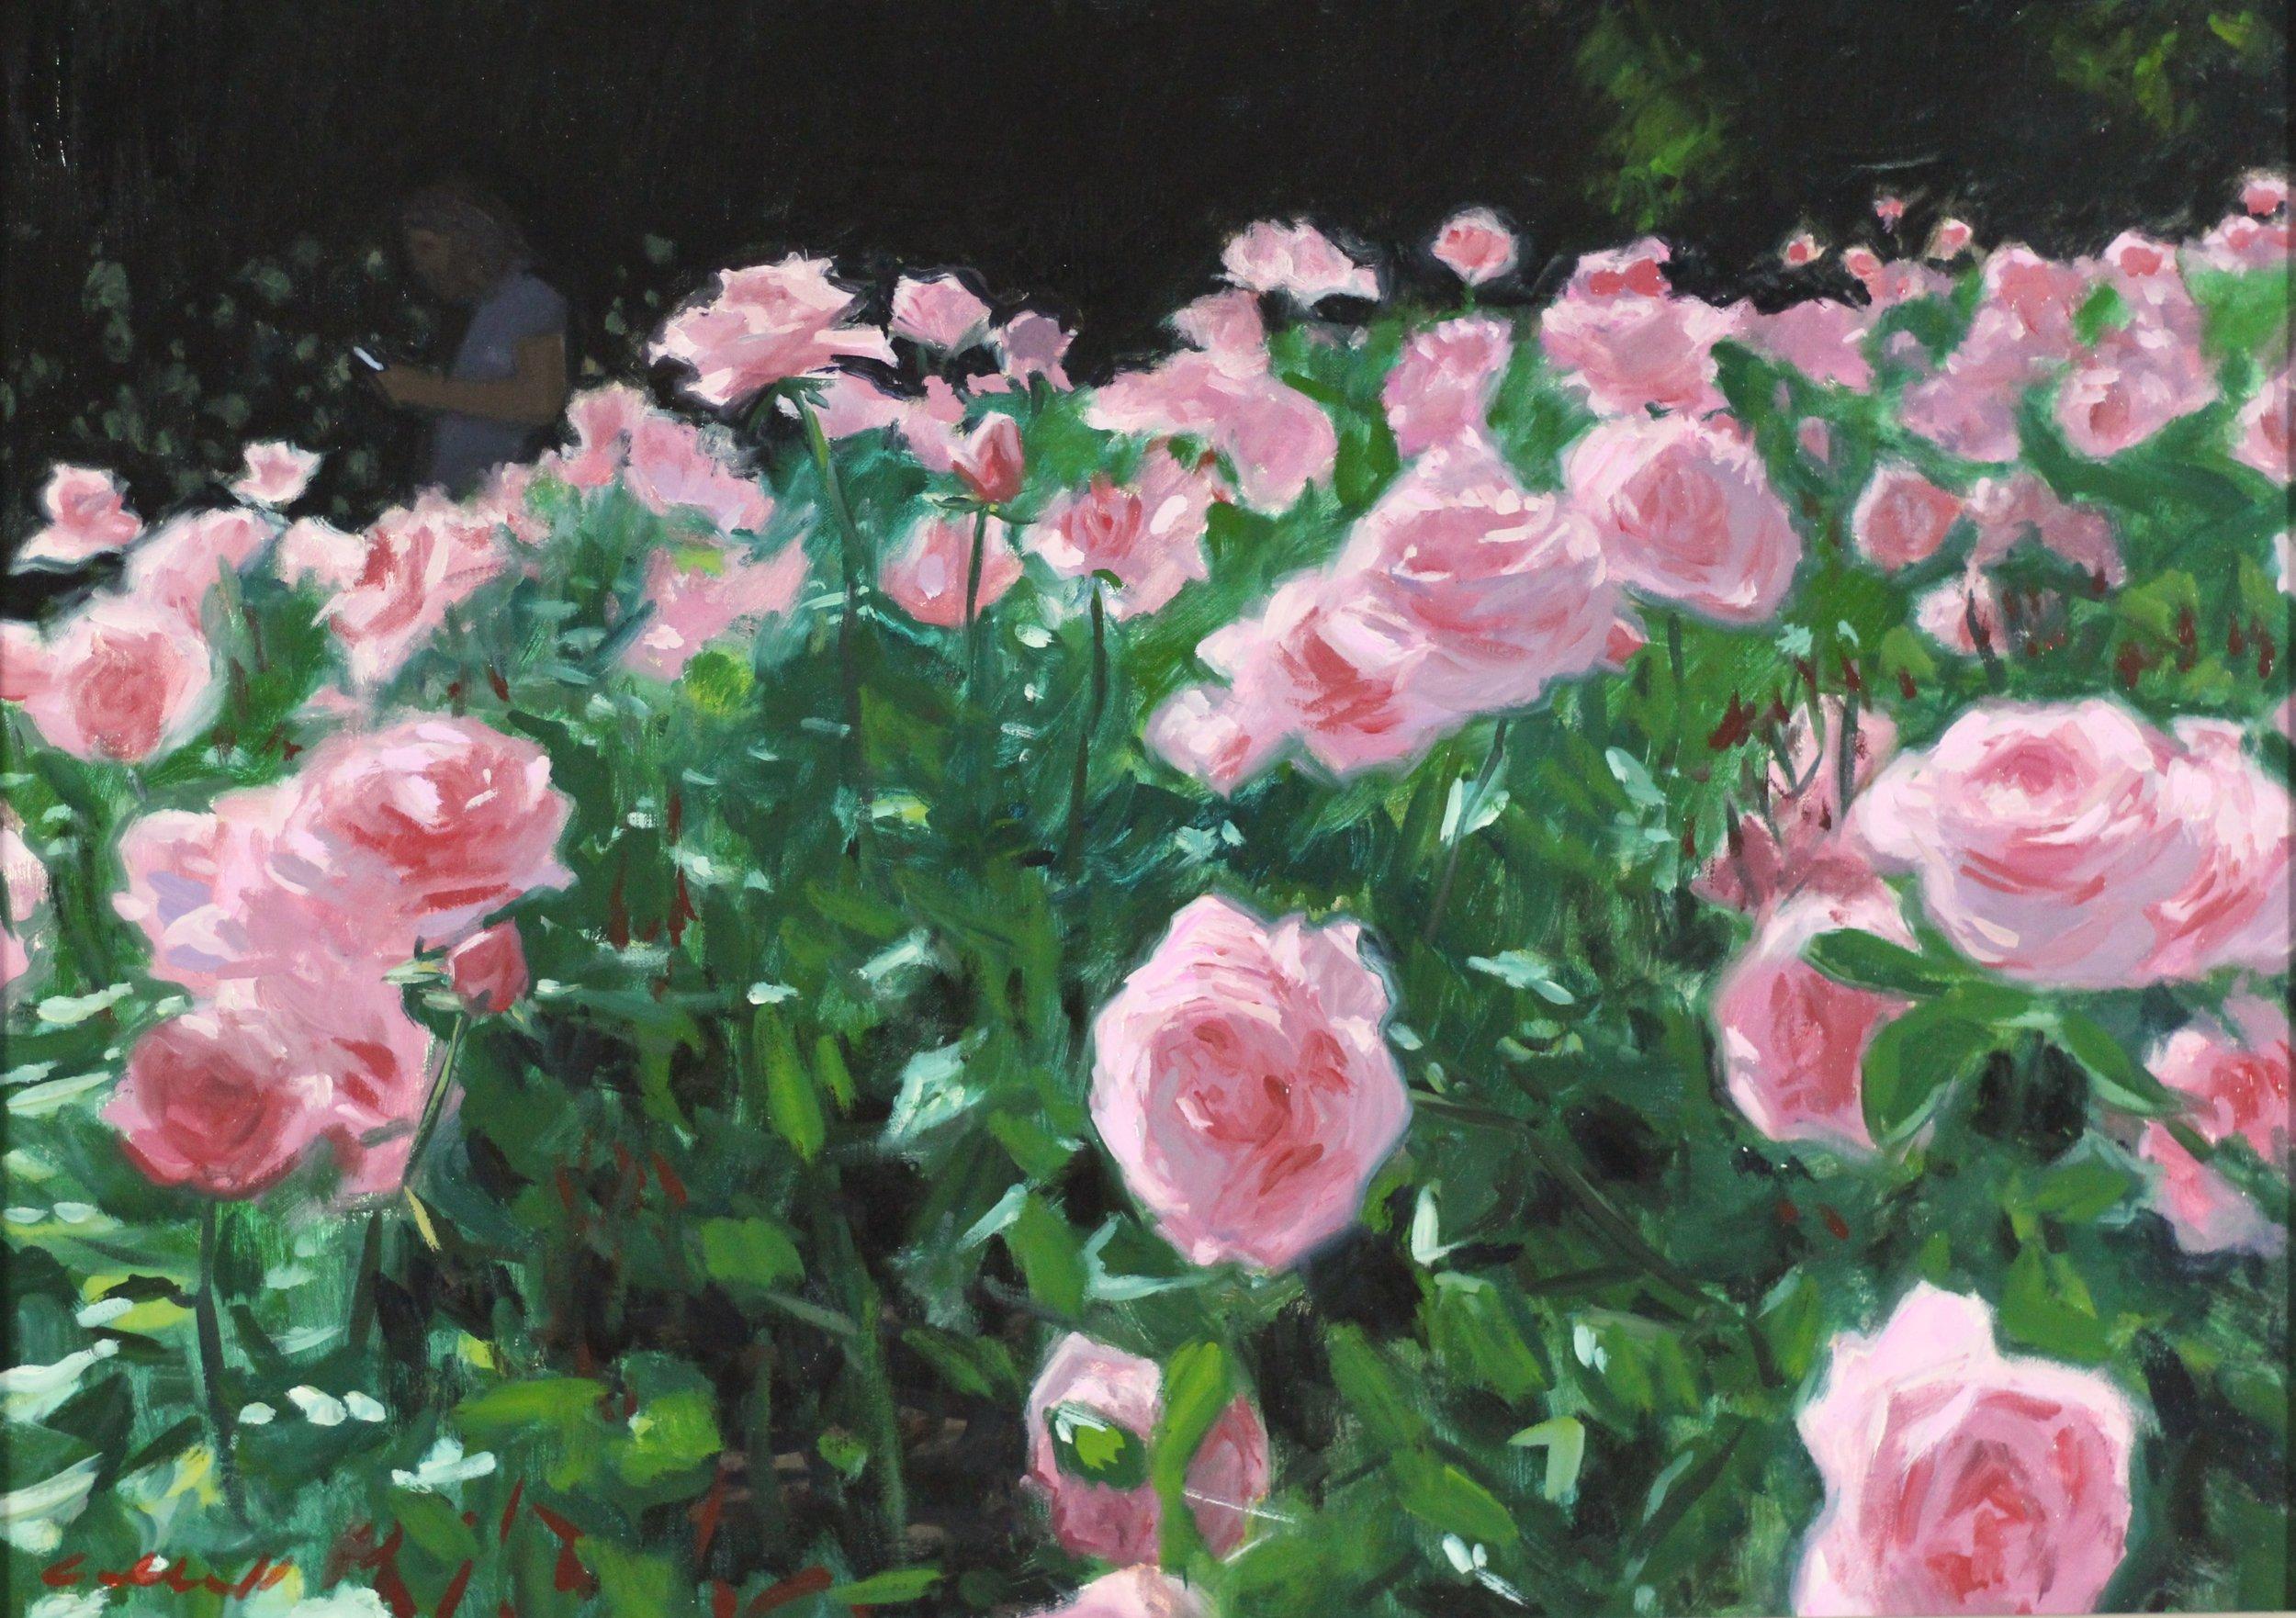 Roses Regent's Park, Oil on Canvas, 49 x 70cm, 2017